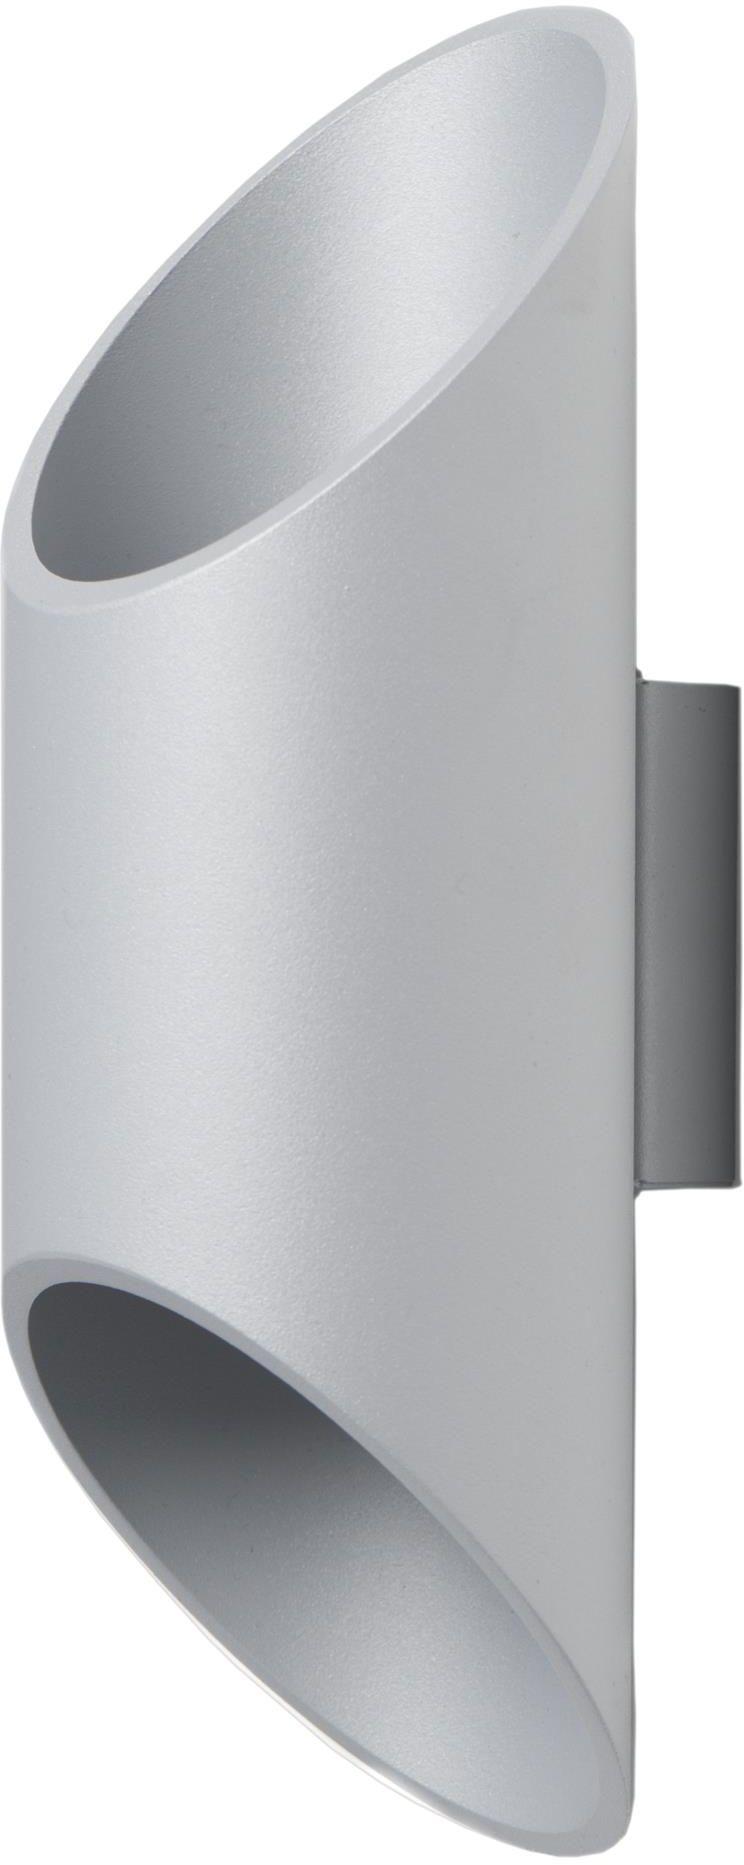 Lampex Wera popiel 593/K POP kinkiet lampa ścienna nowoczesny metalowy klosz popiel G9 1x40W 10cm